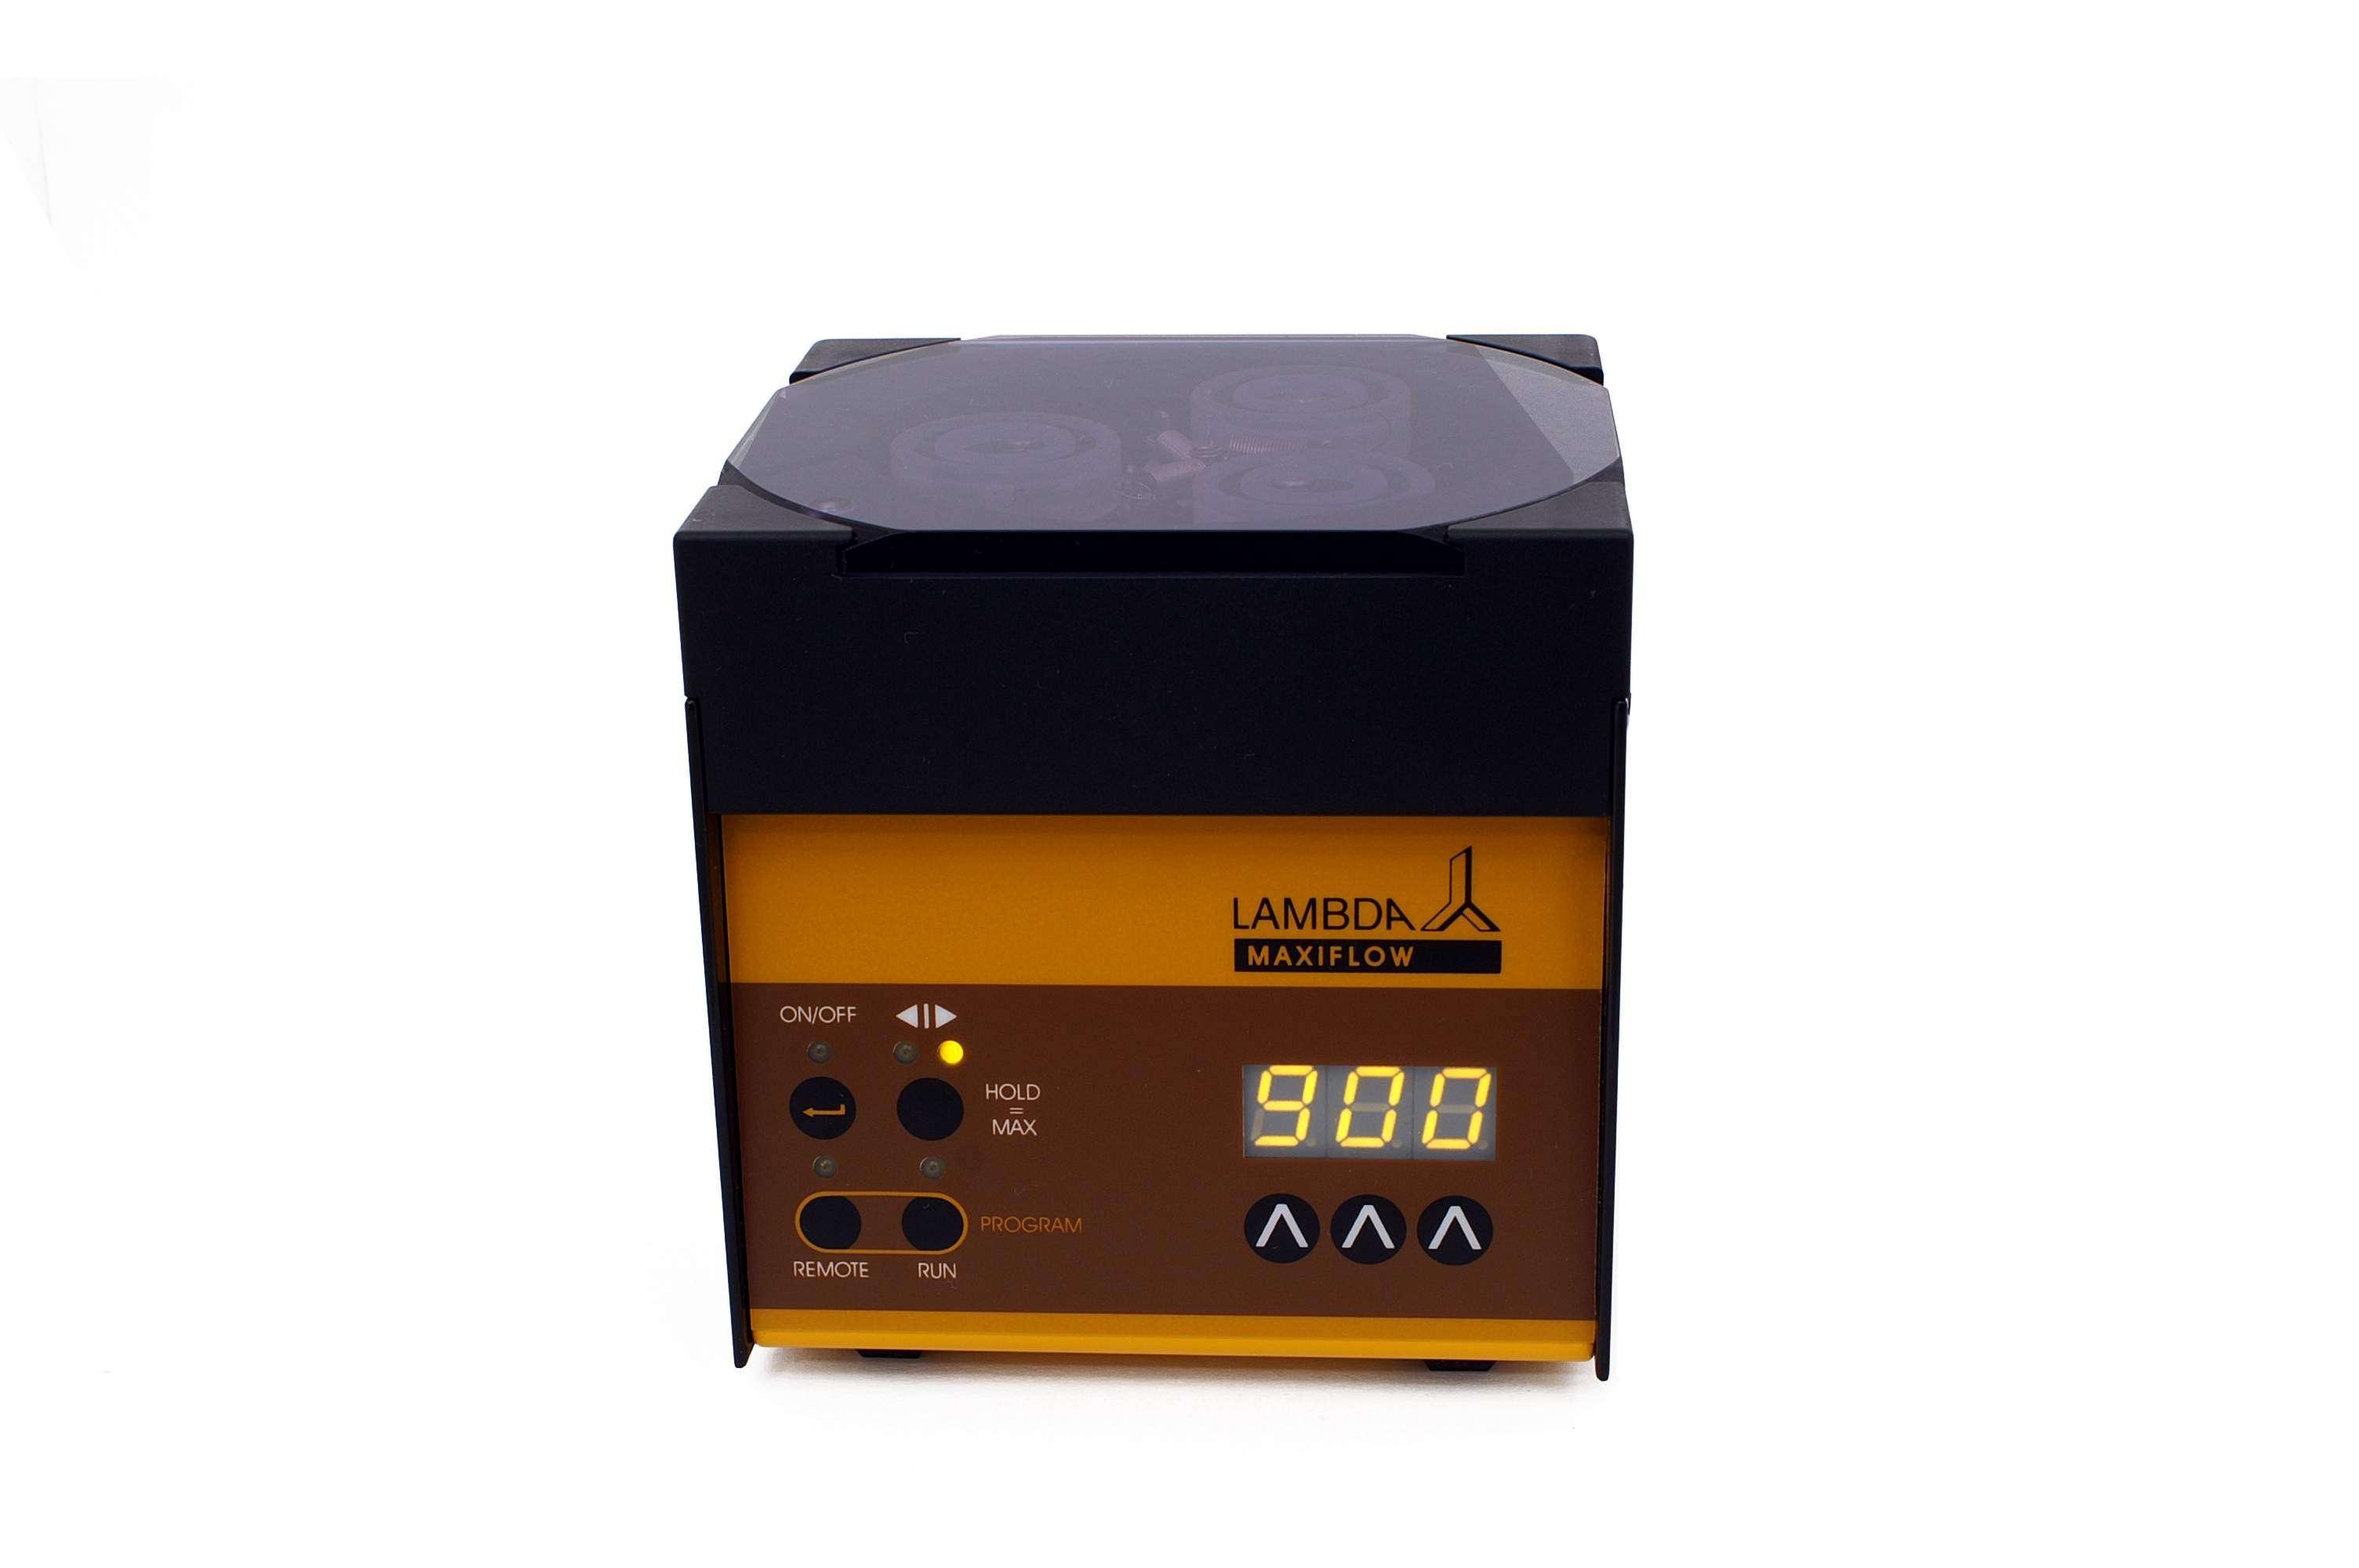 Buy MAXIFLOW peristaltic pump